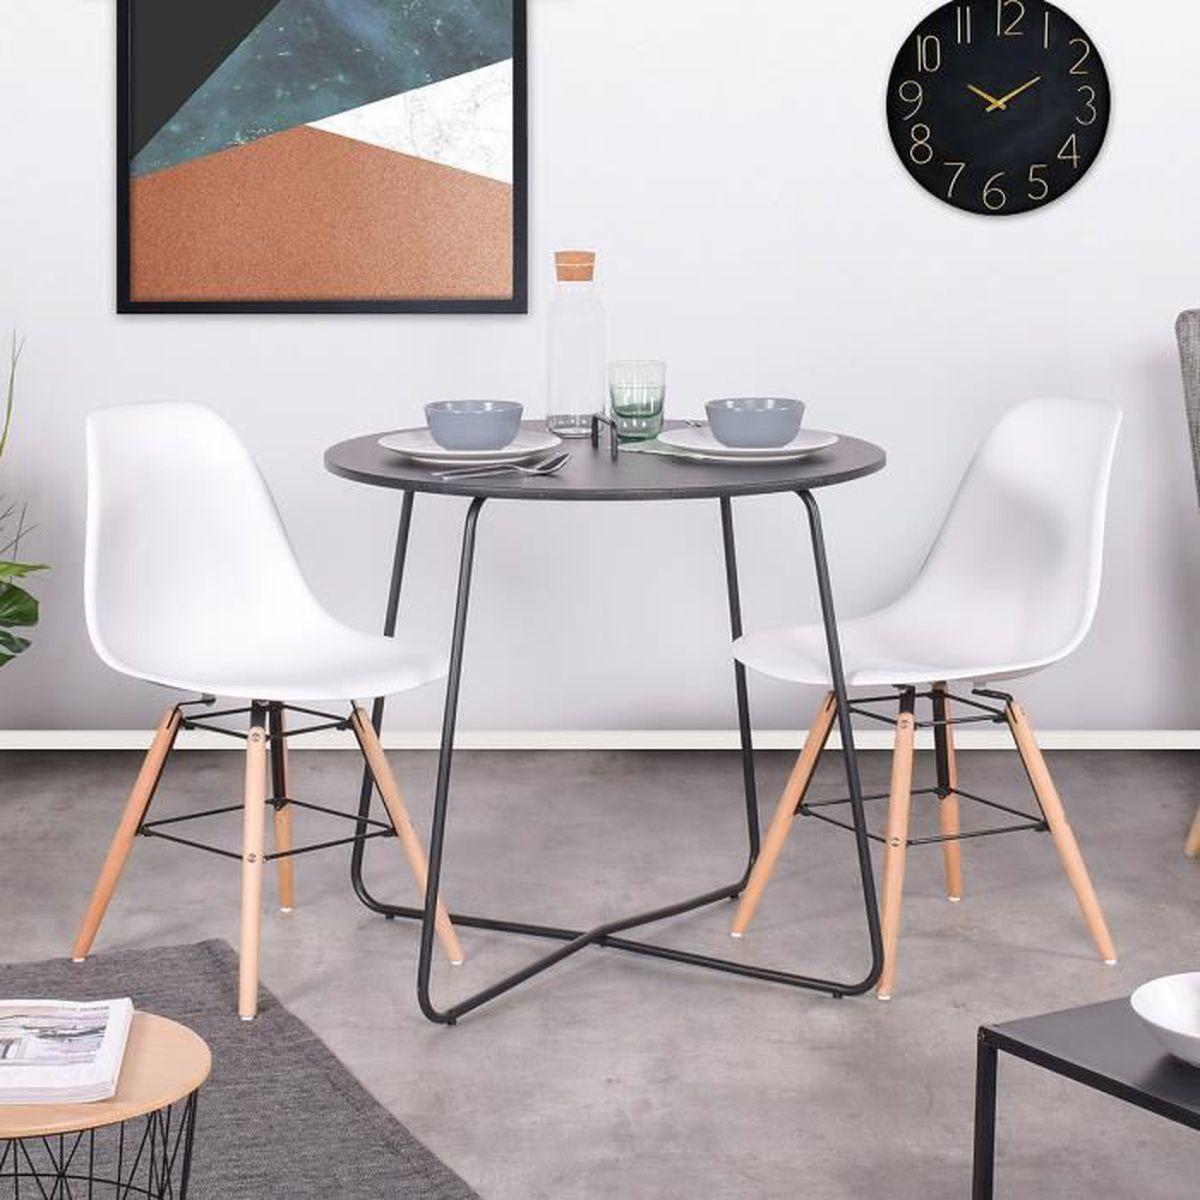 Table A Manger De 2 A 4 Personnes Forme Ronde Industriel Vintage